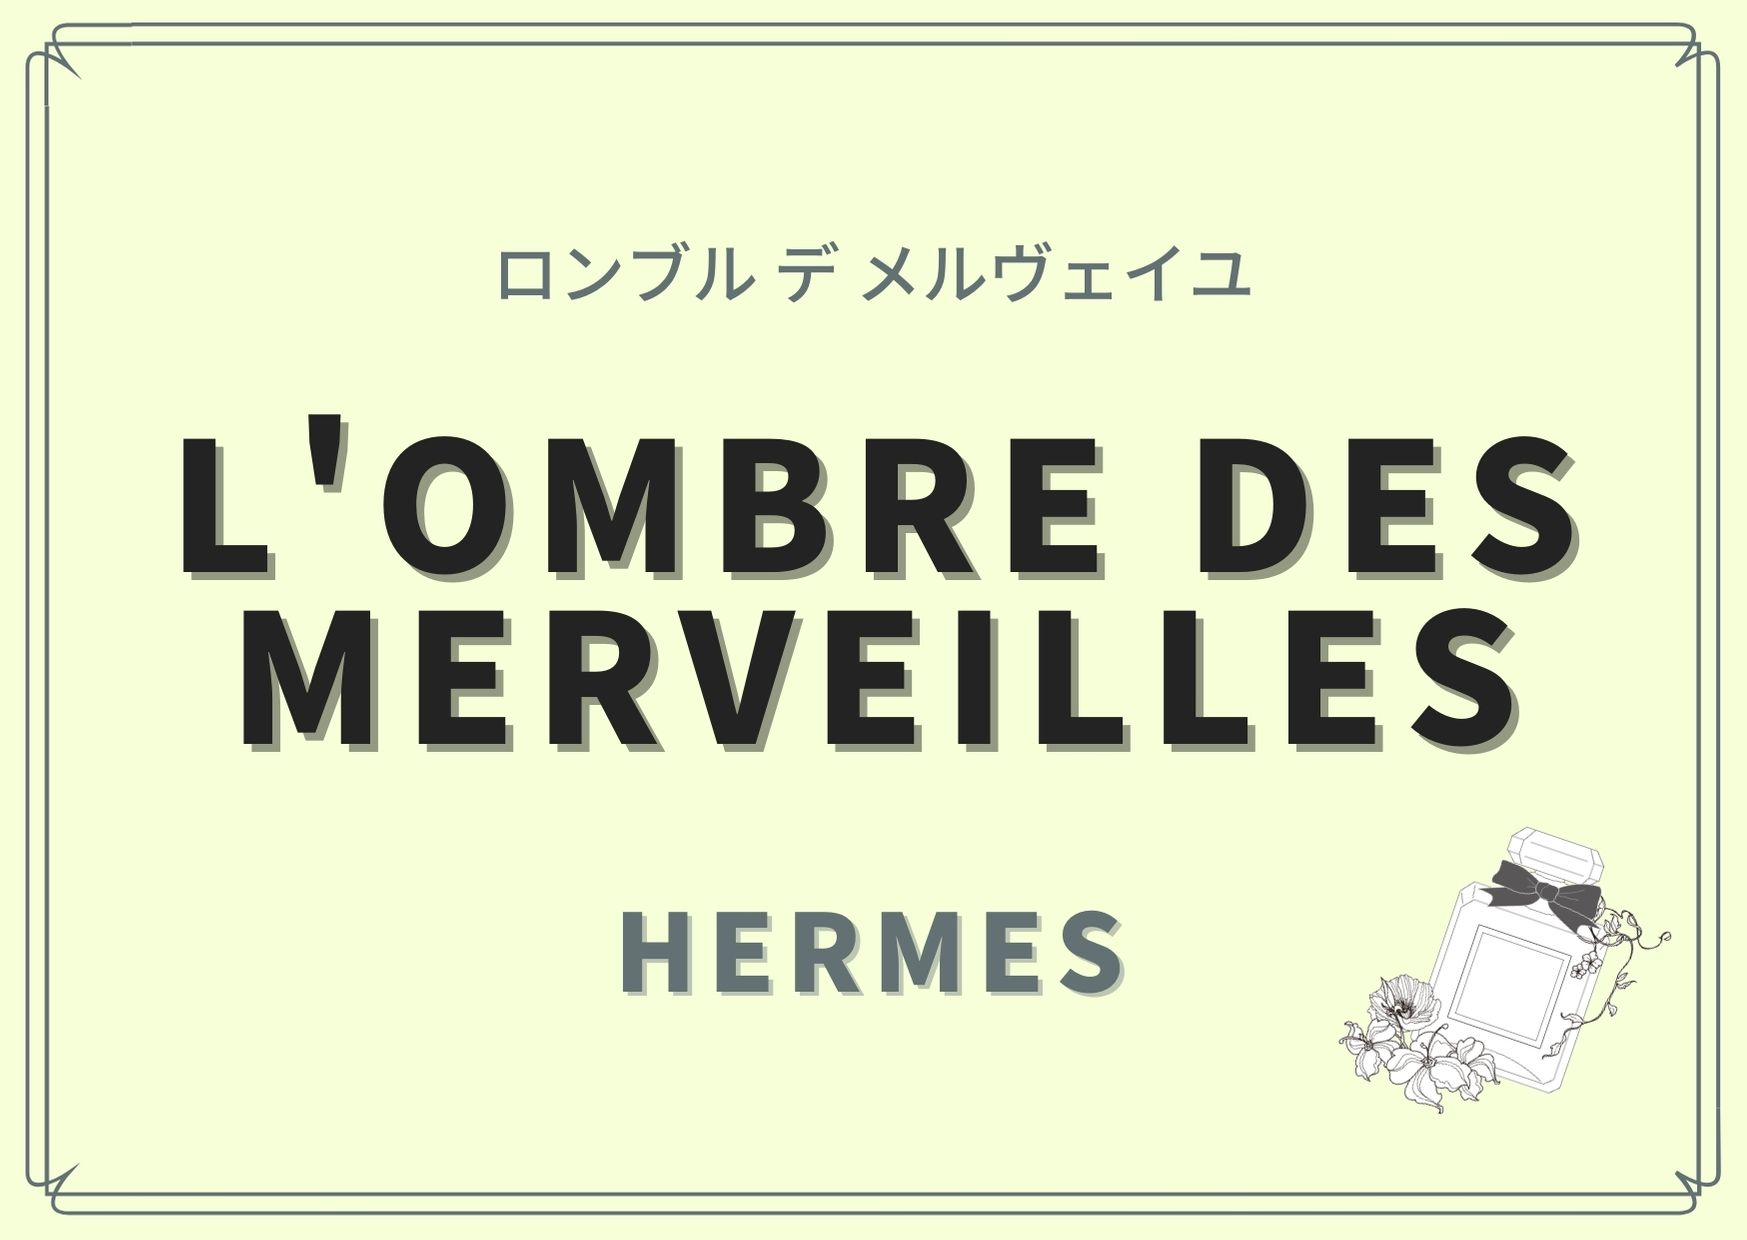 L'Ombre Des Merveilles(ロンブル デ メルヴェイユ)/HERMES(エルメス)